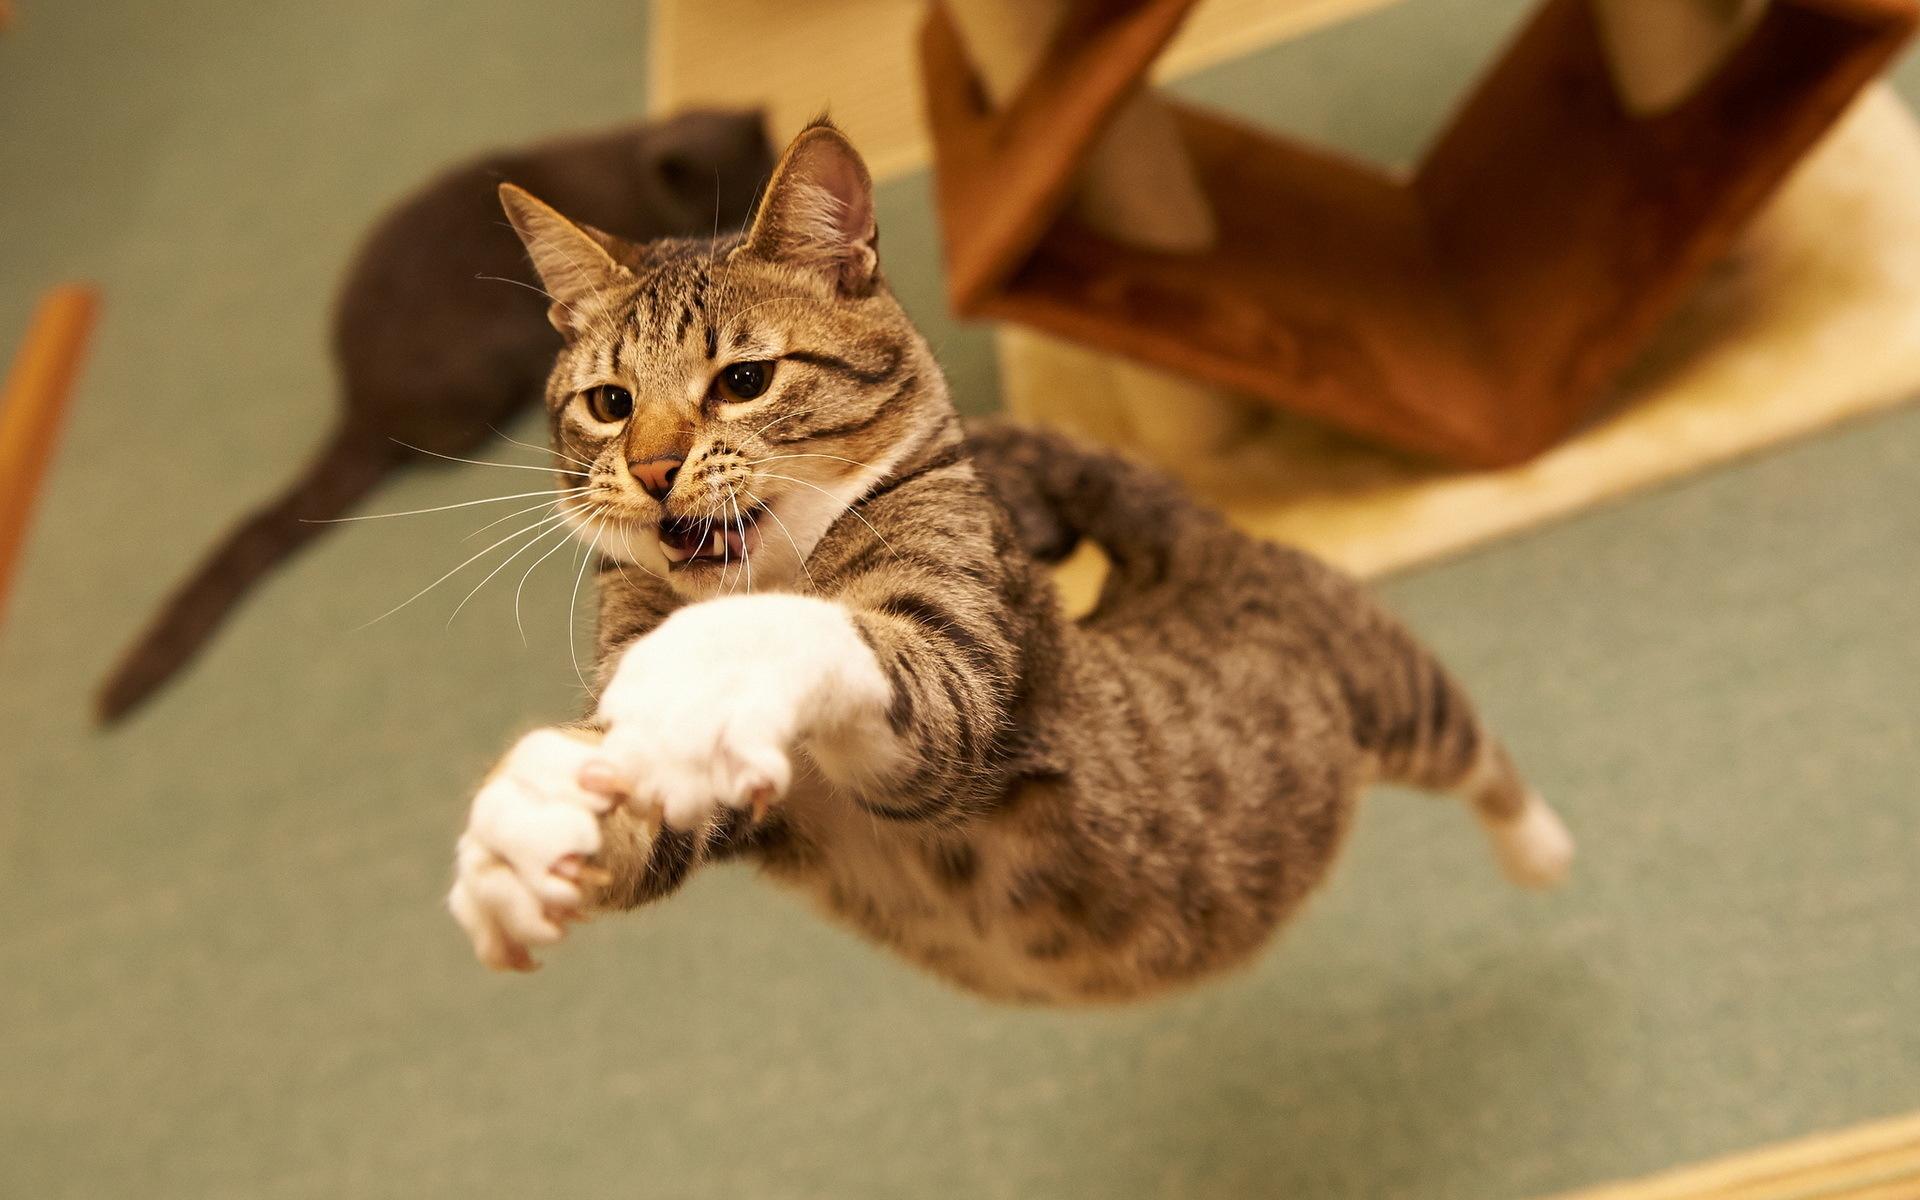 Мишки как, смешные рисунки кошек фото